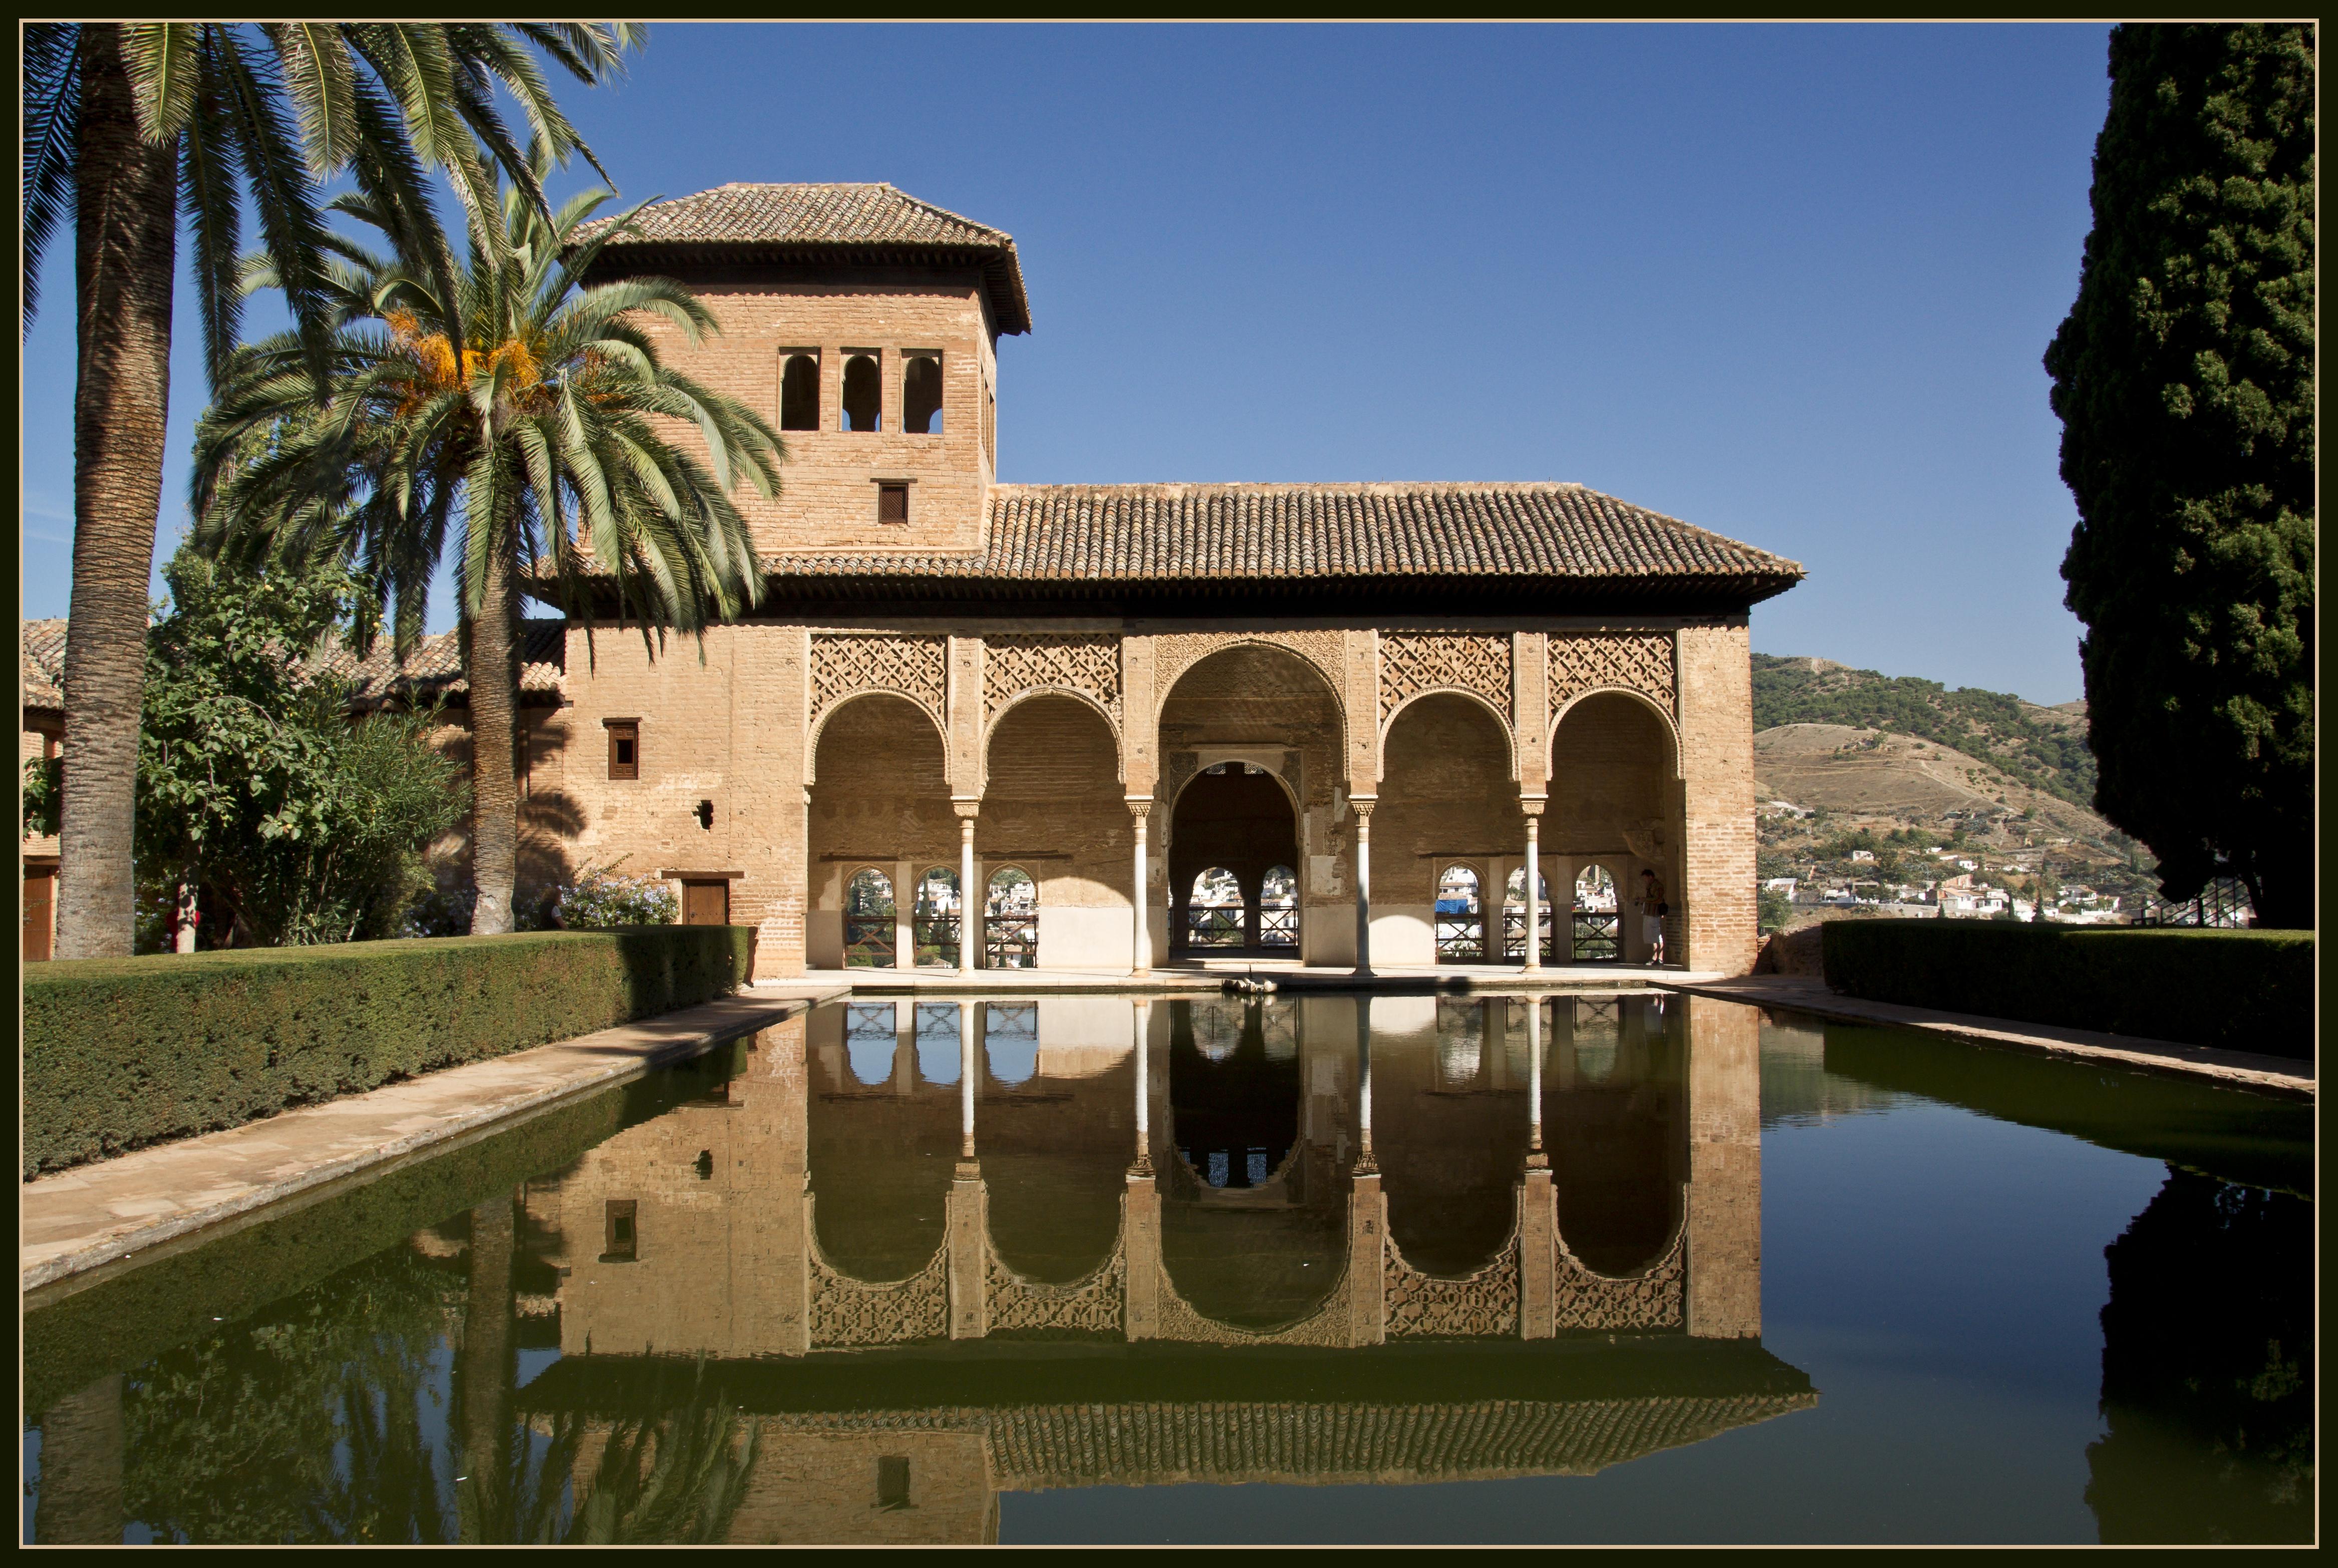 Patio de los Arrayanes en los palacios nazaríes - Alhambra Granada